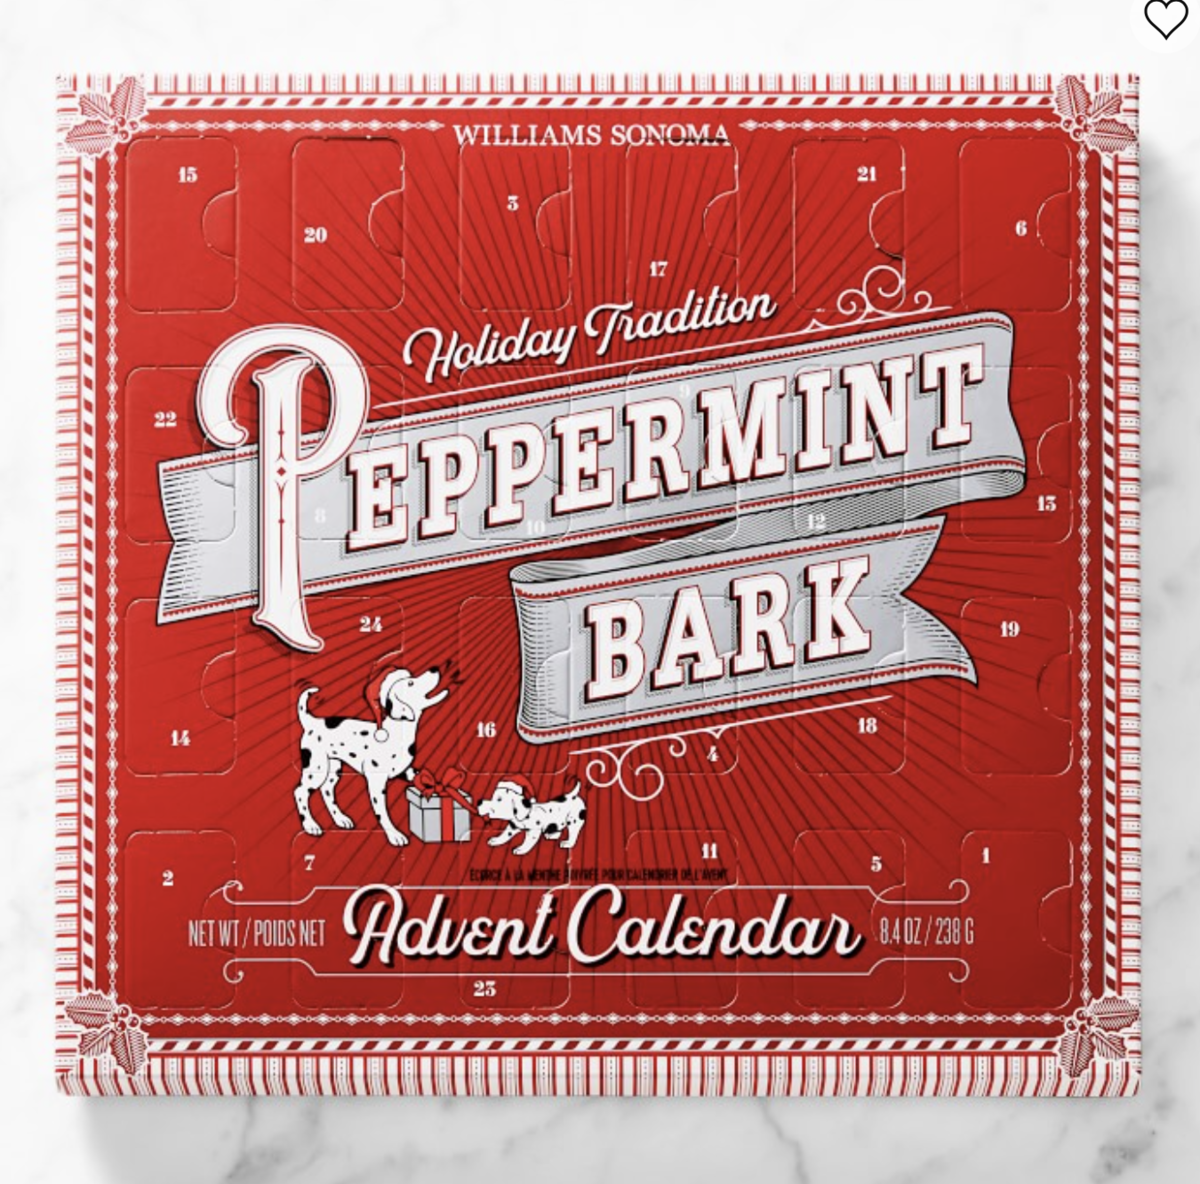 Williams Sonoma Peppermint Bark Advent Calendar – On Sale Now